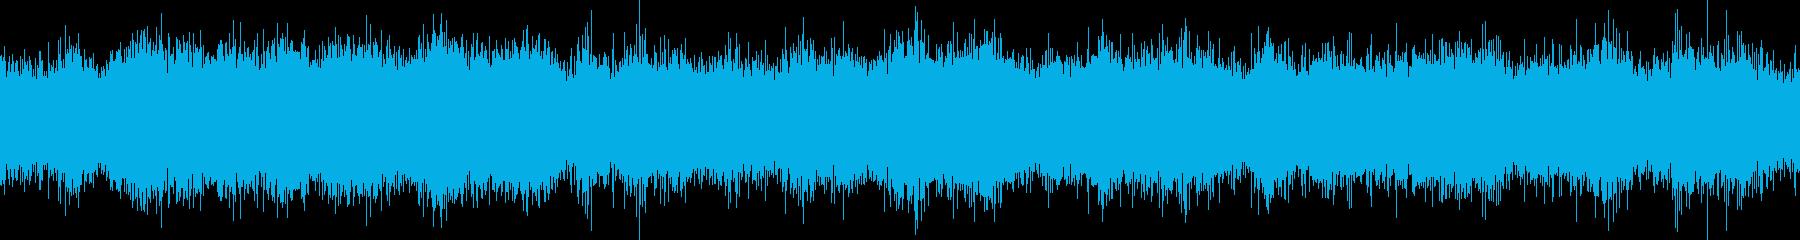 ループ再生可能!ラジオノイズ・ザーの再生済みの波形